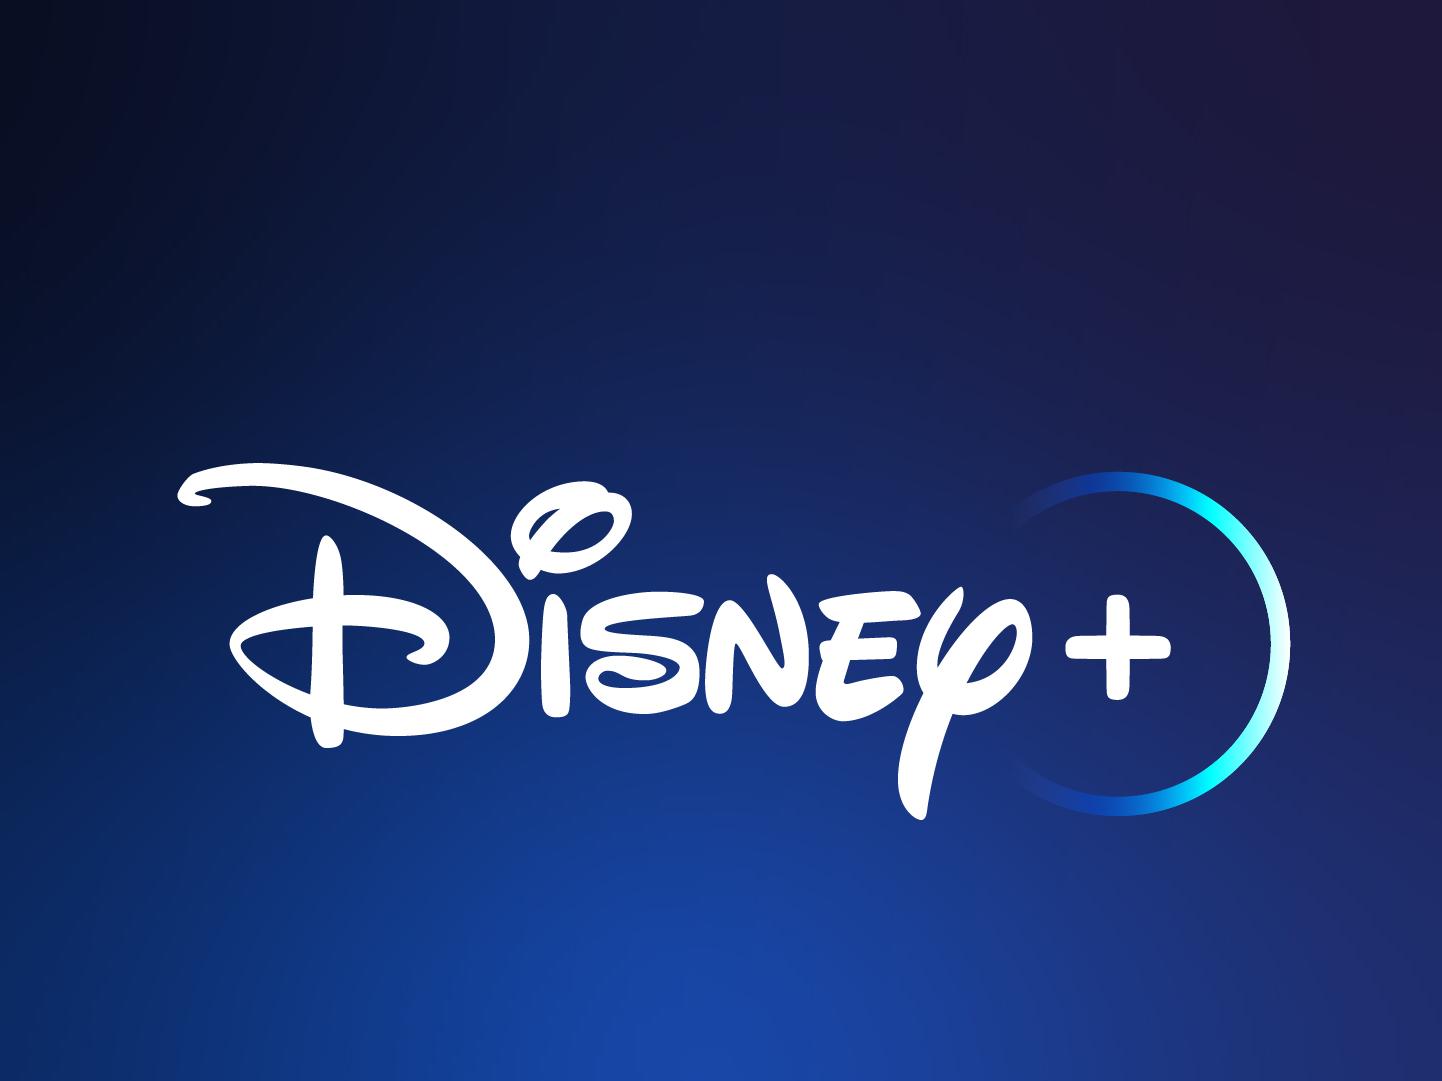 Disneyplusplus 100